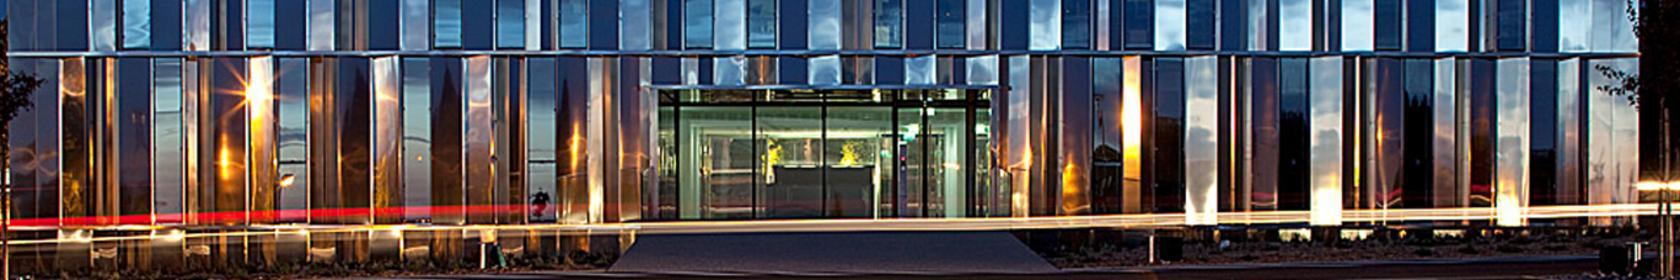 Fiteco recrutement toutes les offres disponibles - Offre d emploi cabinet d expertise comptable ...